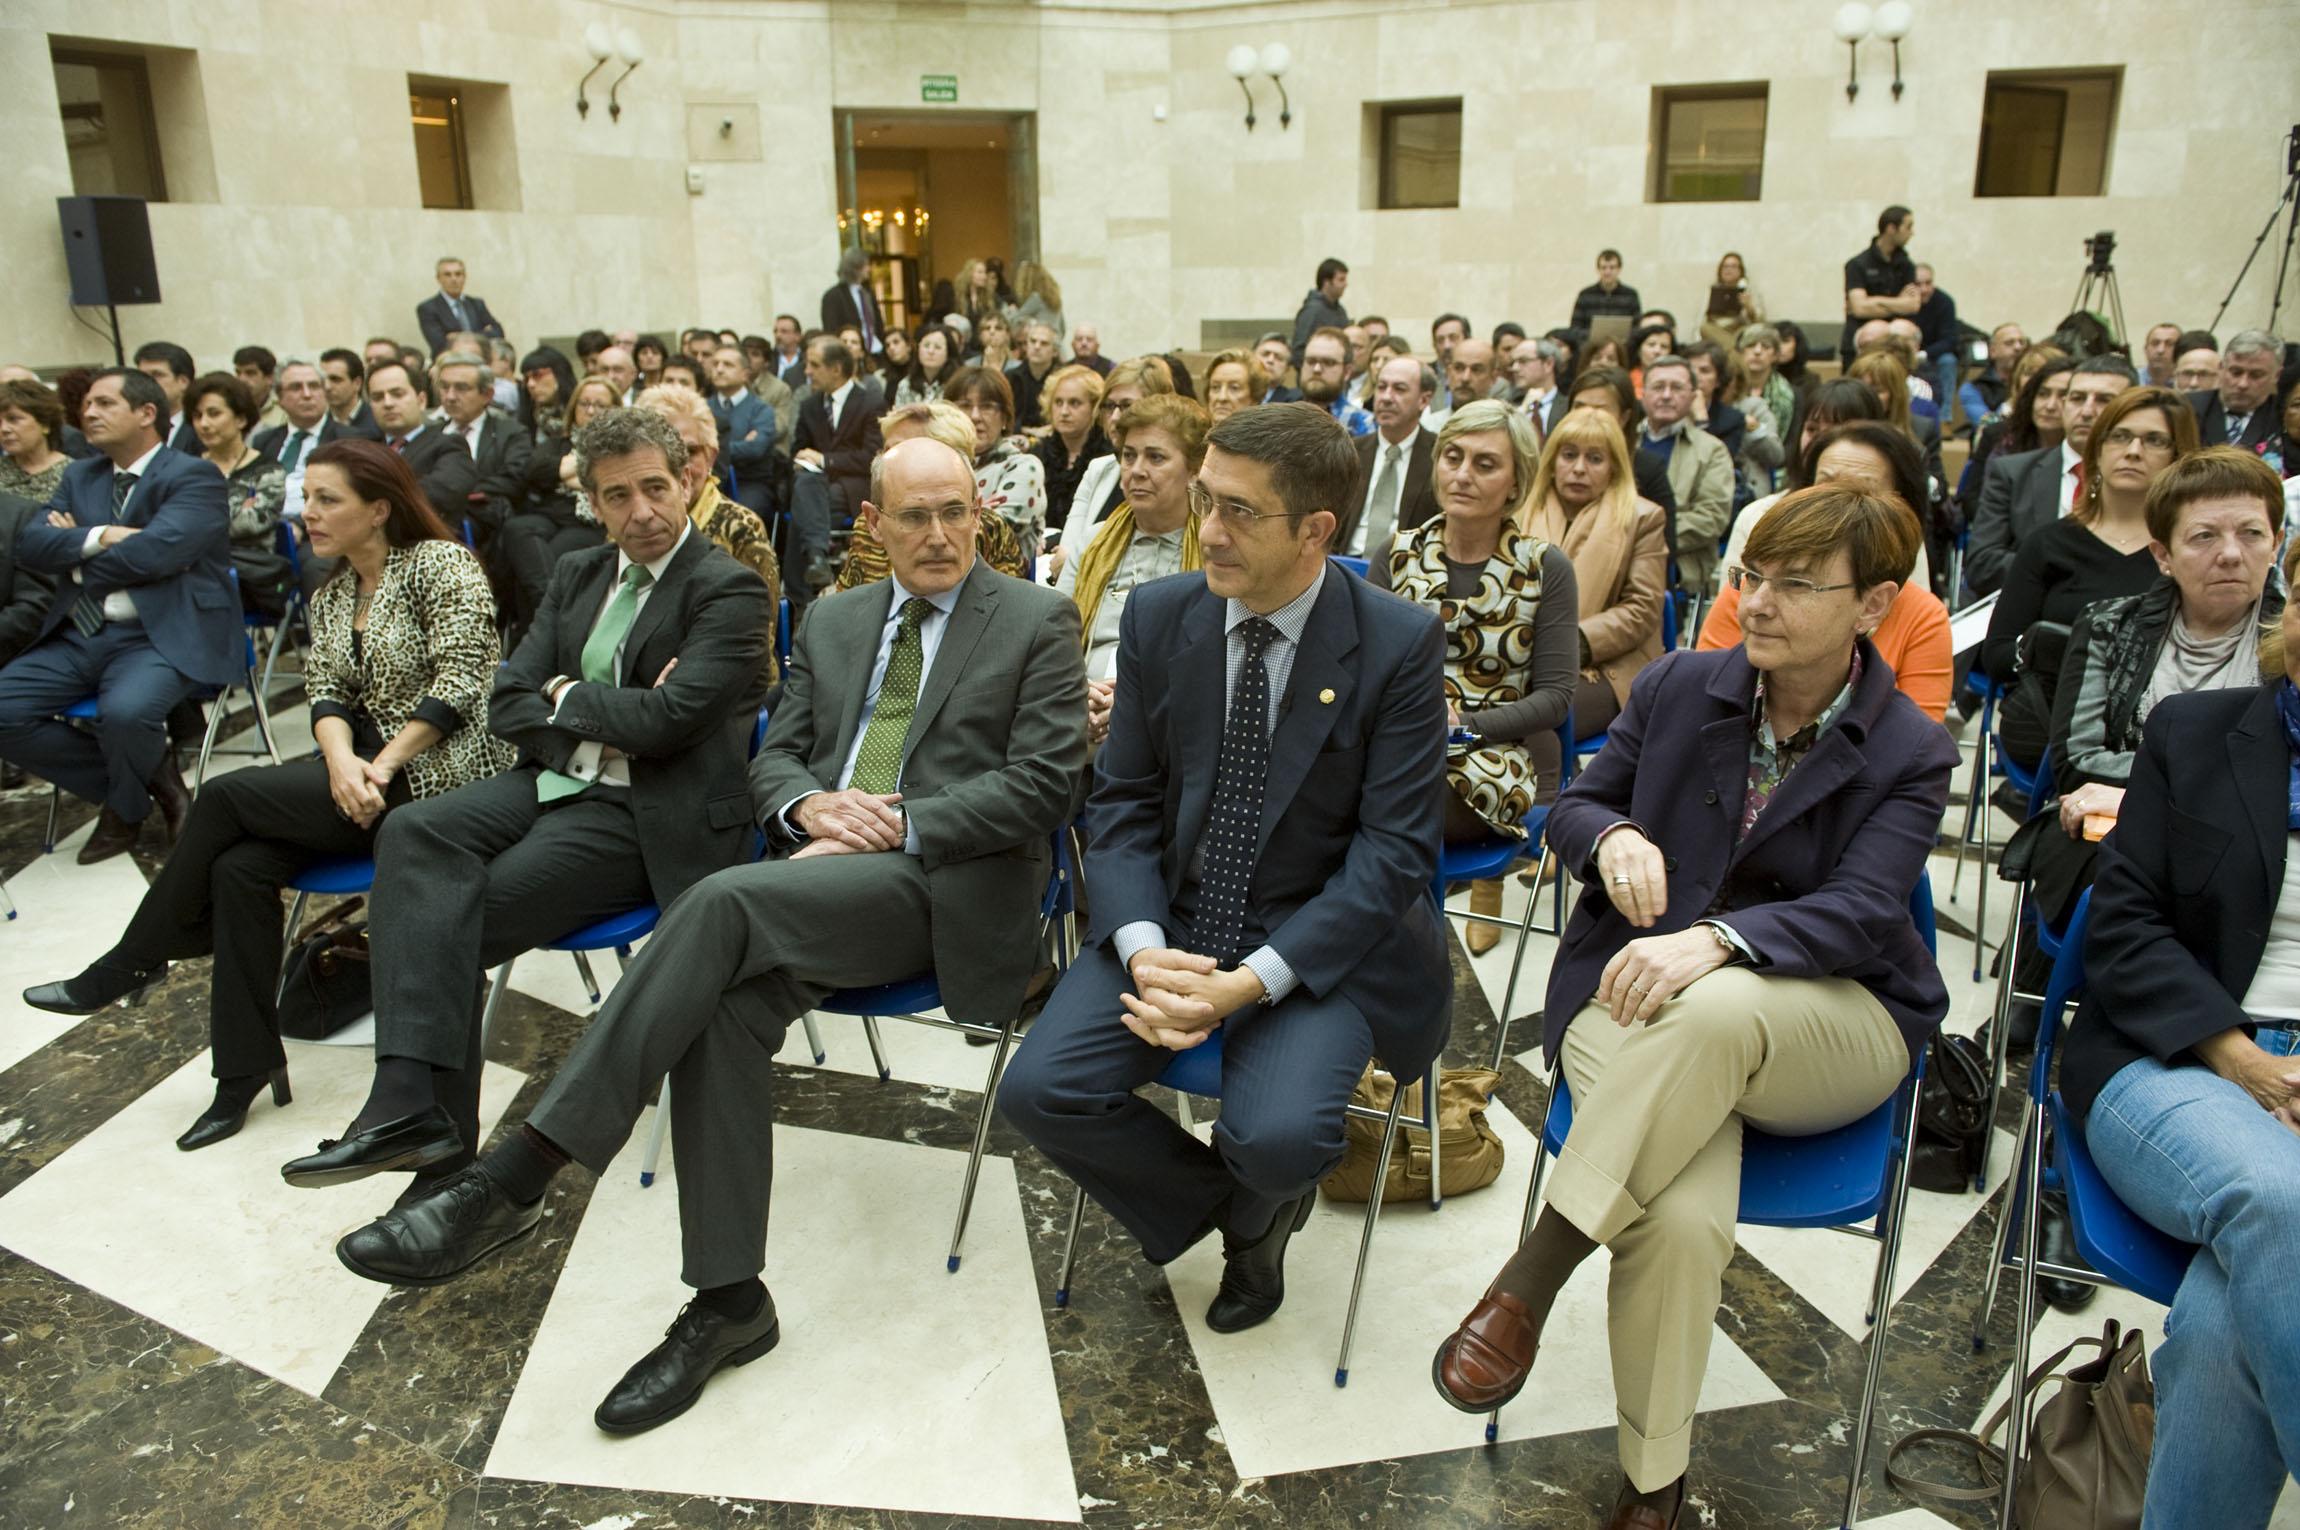 2012_05_21_lehen_debate_008.jpg